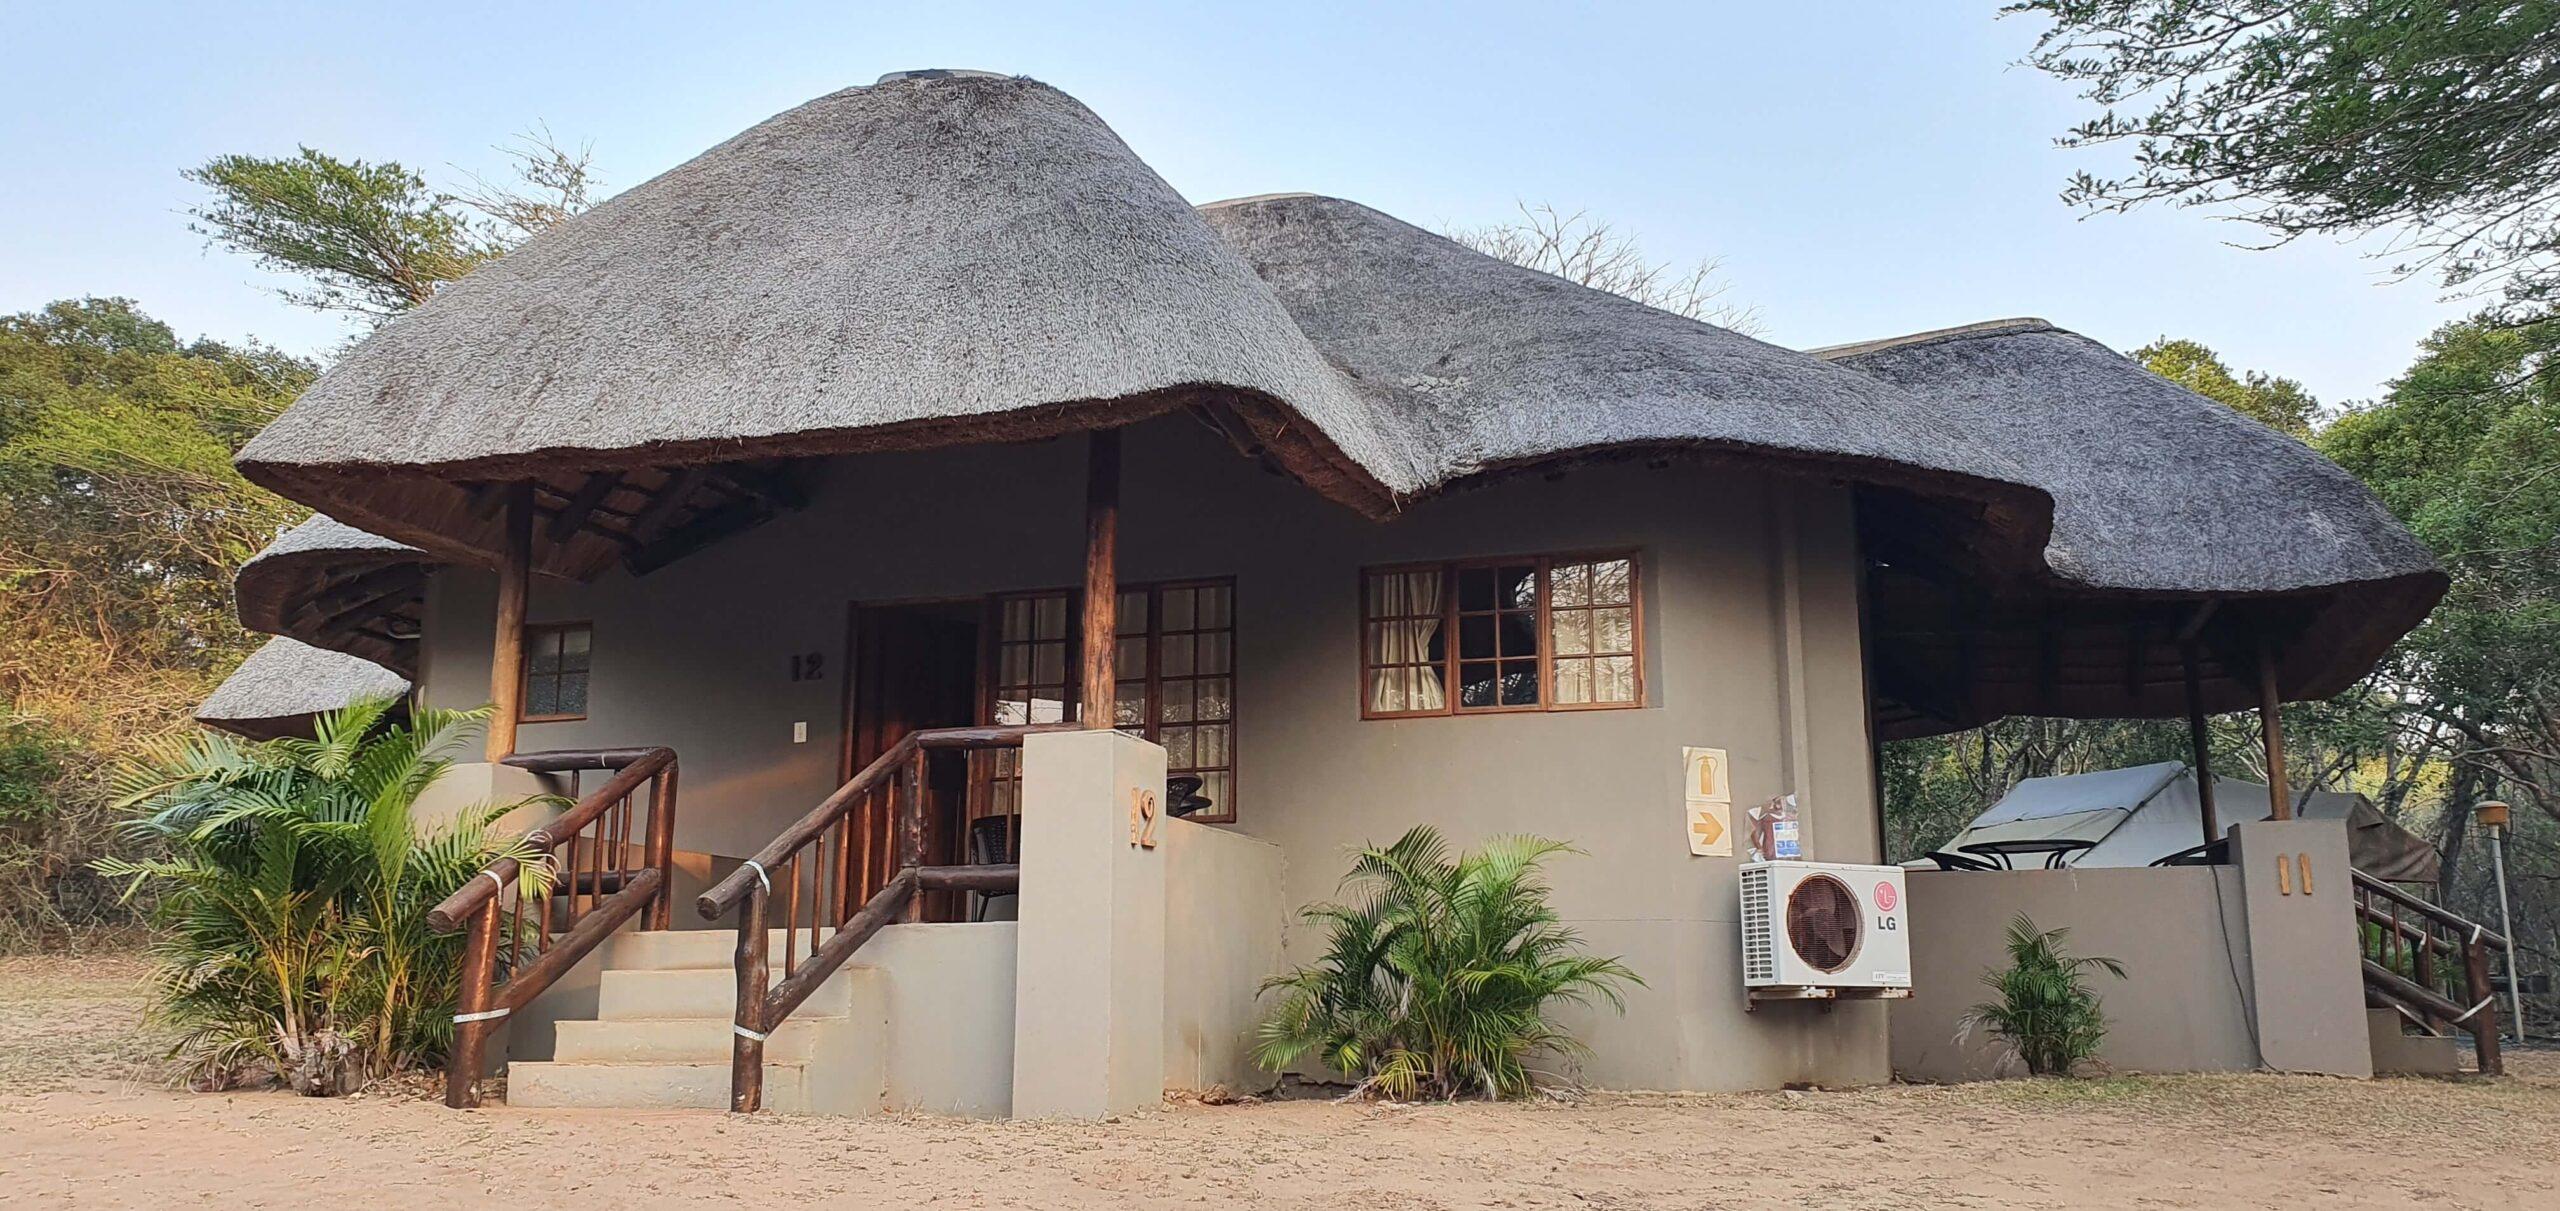 Accommodation at Bonamanzi